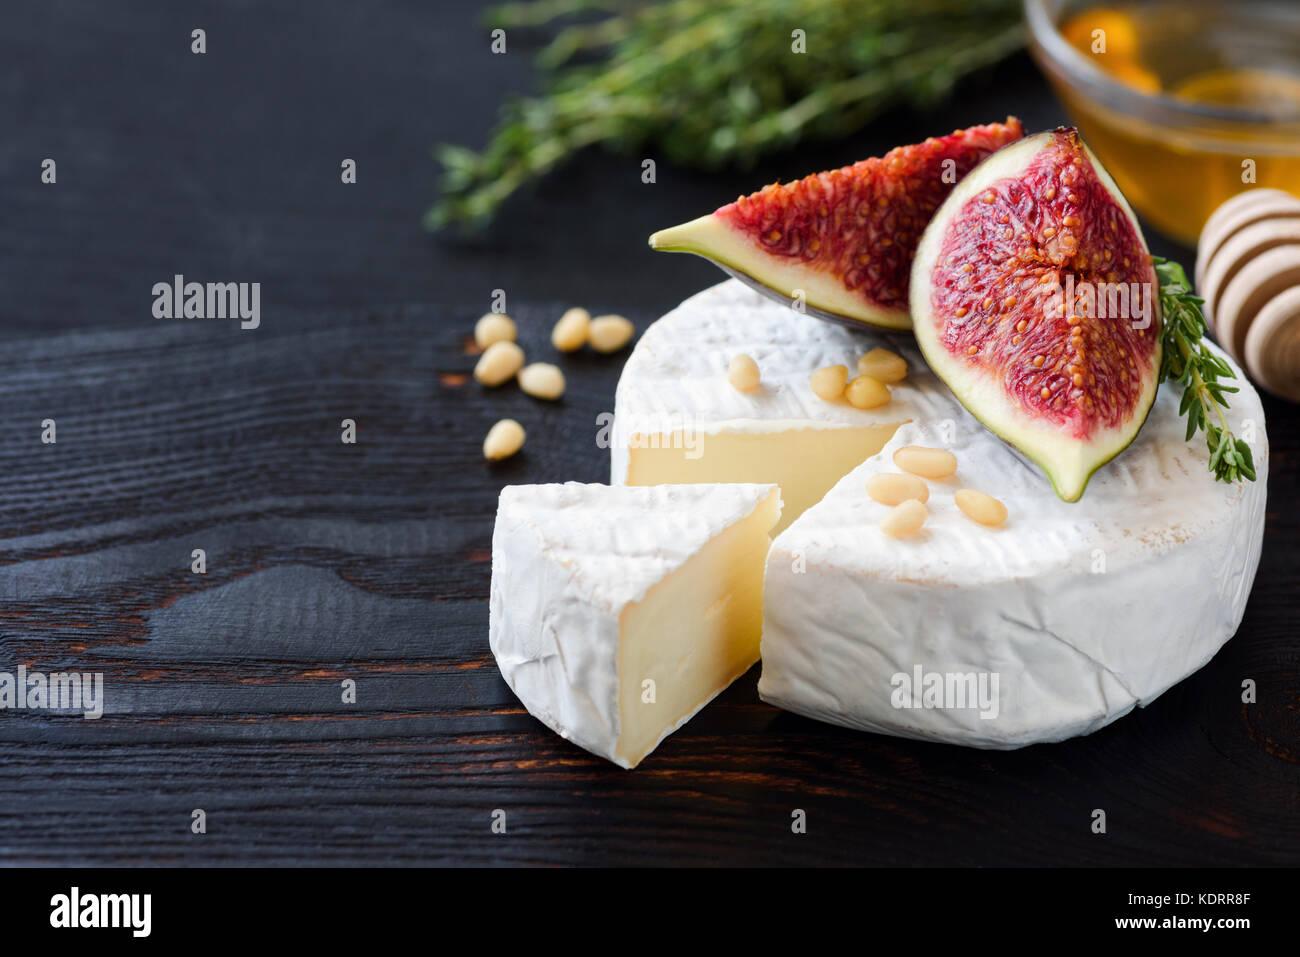 Bianco Formaggio Brie o camambert. antipasto gourmet il piatto di formaggi con formaggio bianco, fichi, timo, miele Immagini Stock